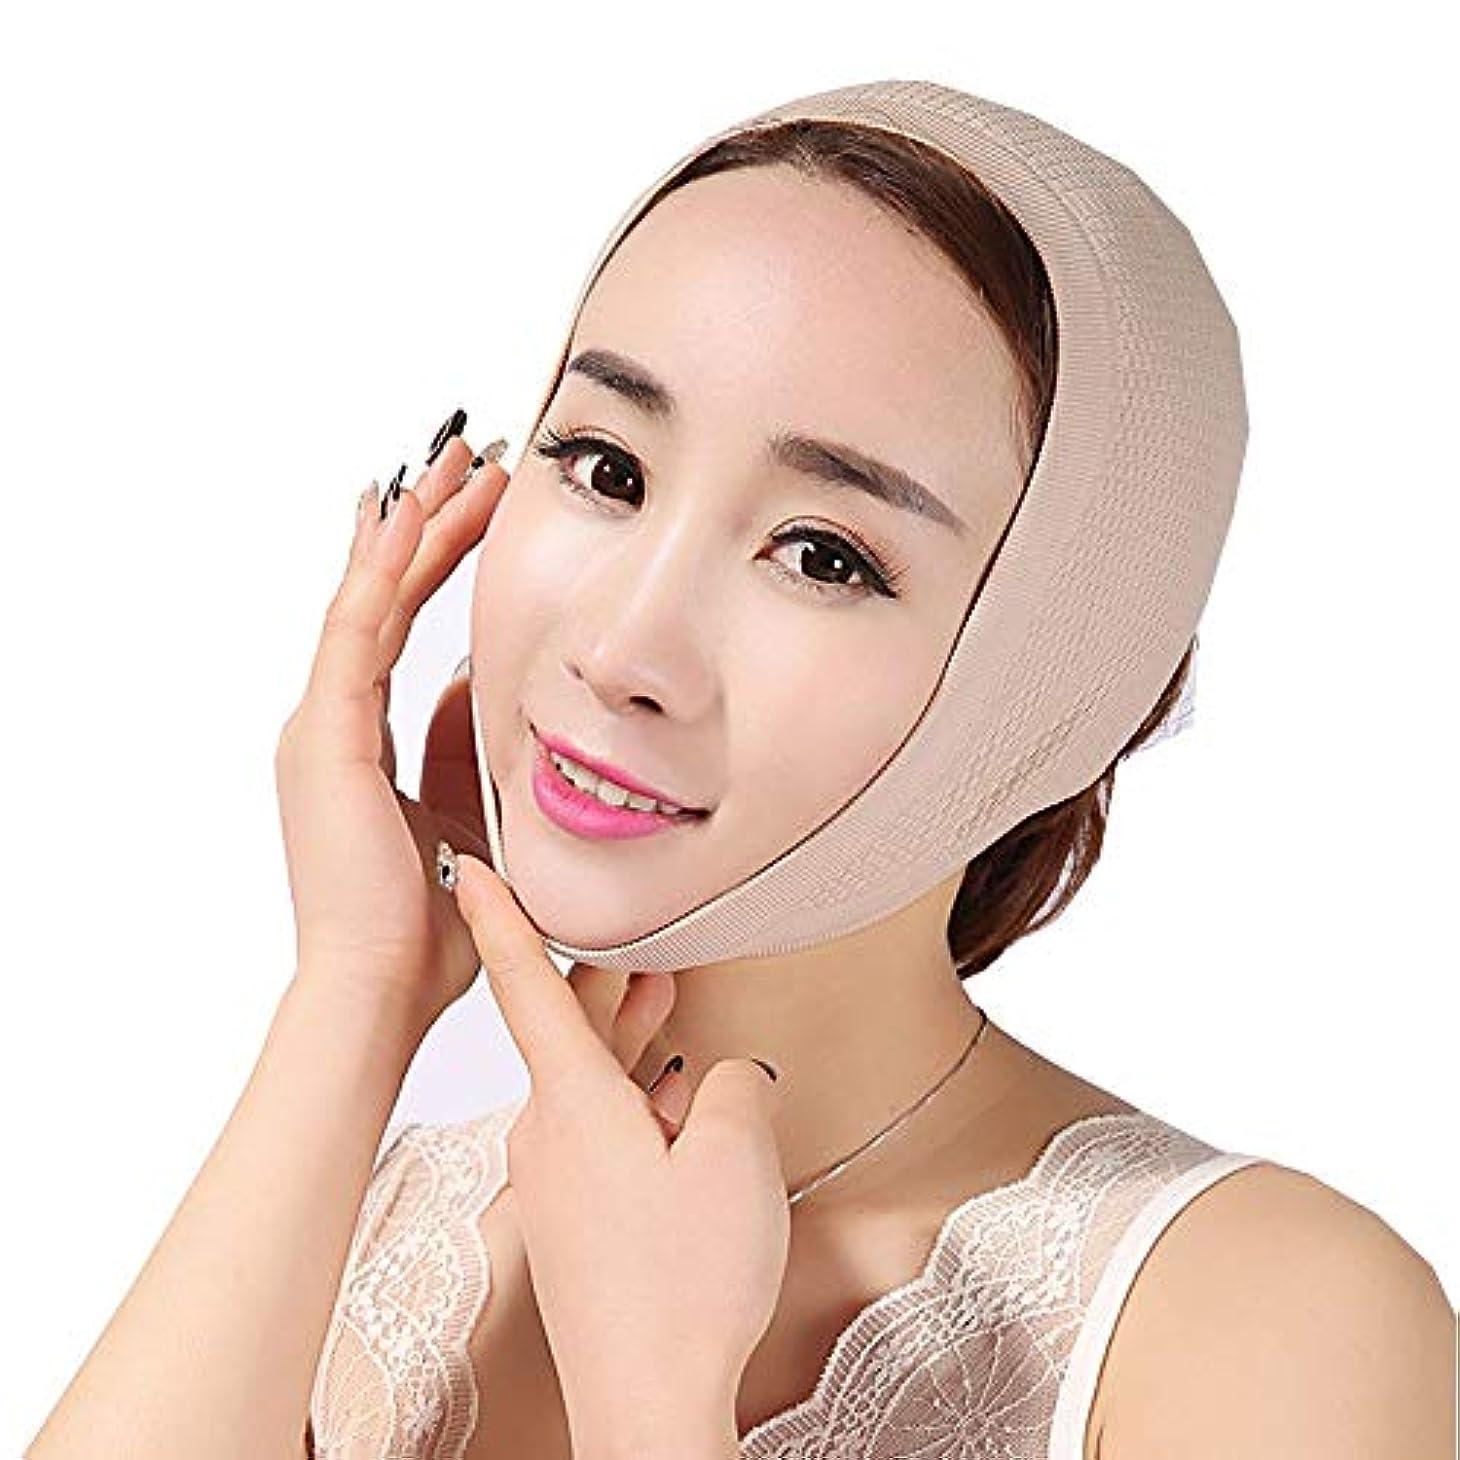 潤滑するの中で再発するJia Jia- フェイスマスクで眠る薄い顔フェイスリフトフェイスリフトアーティファクトスモールフェイスVフェイスリフト付きフェイスフェイス包帯引き上げジョーセット 顔面包帯